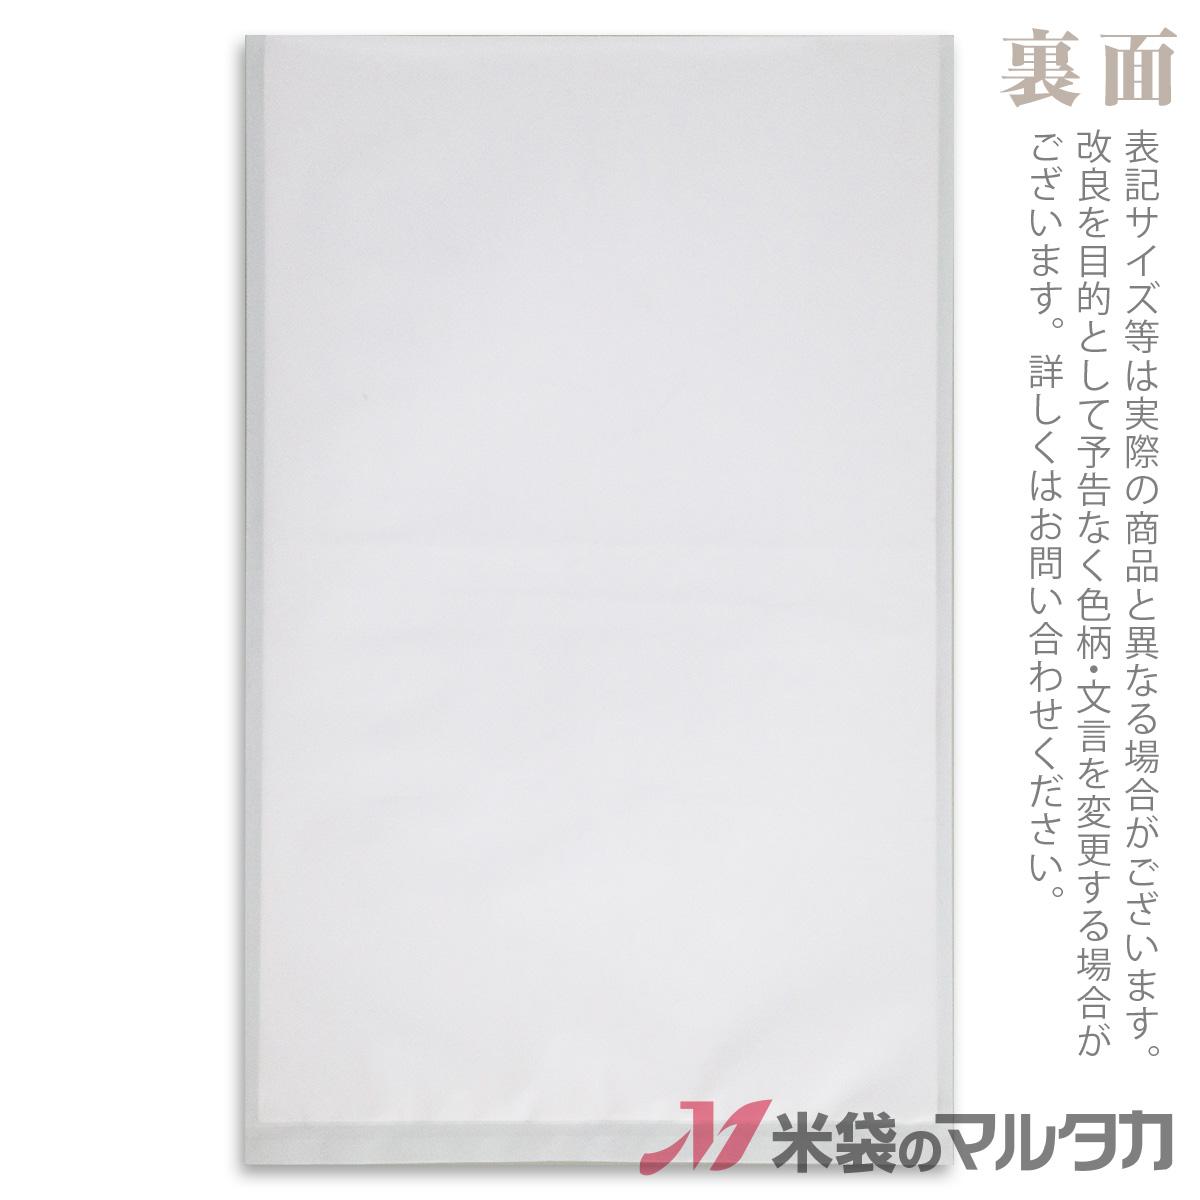 <キャンペーン対応> 米袋 バイオマスポリ マイクロドット こしひかり 七宝 5kg用 1ケース(500枚入) PE-1102